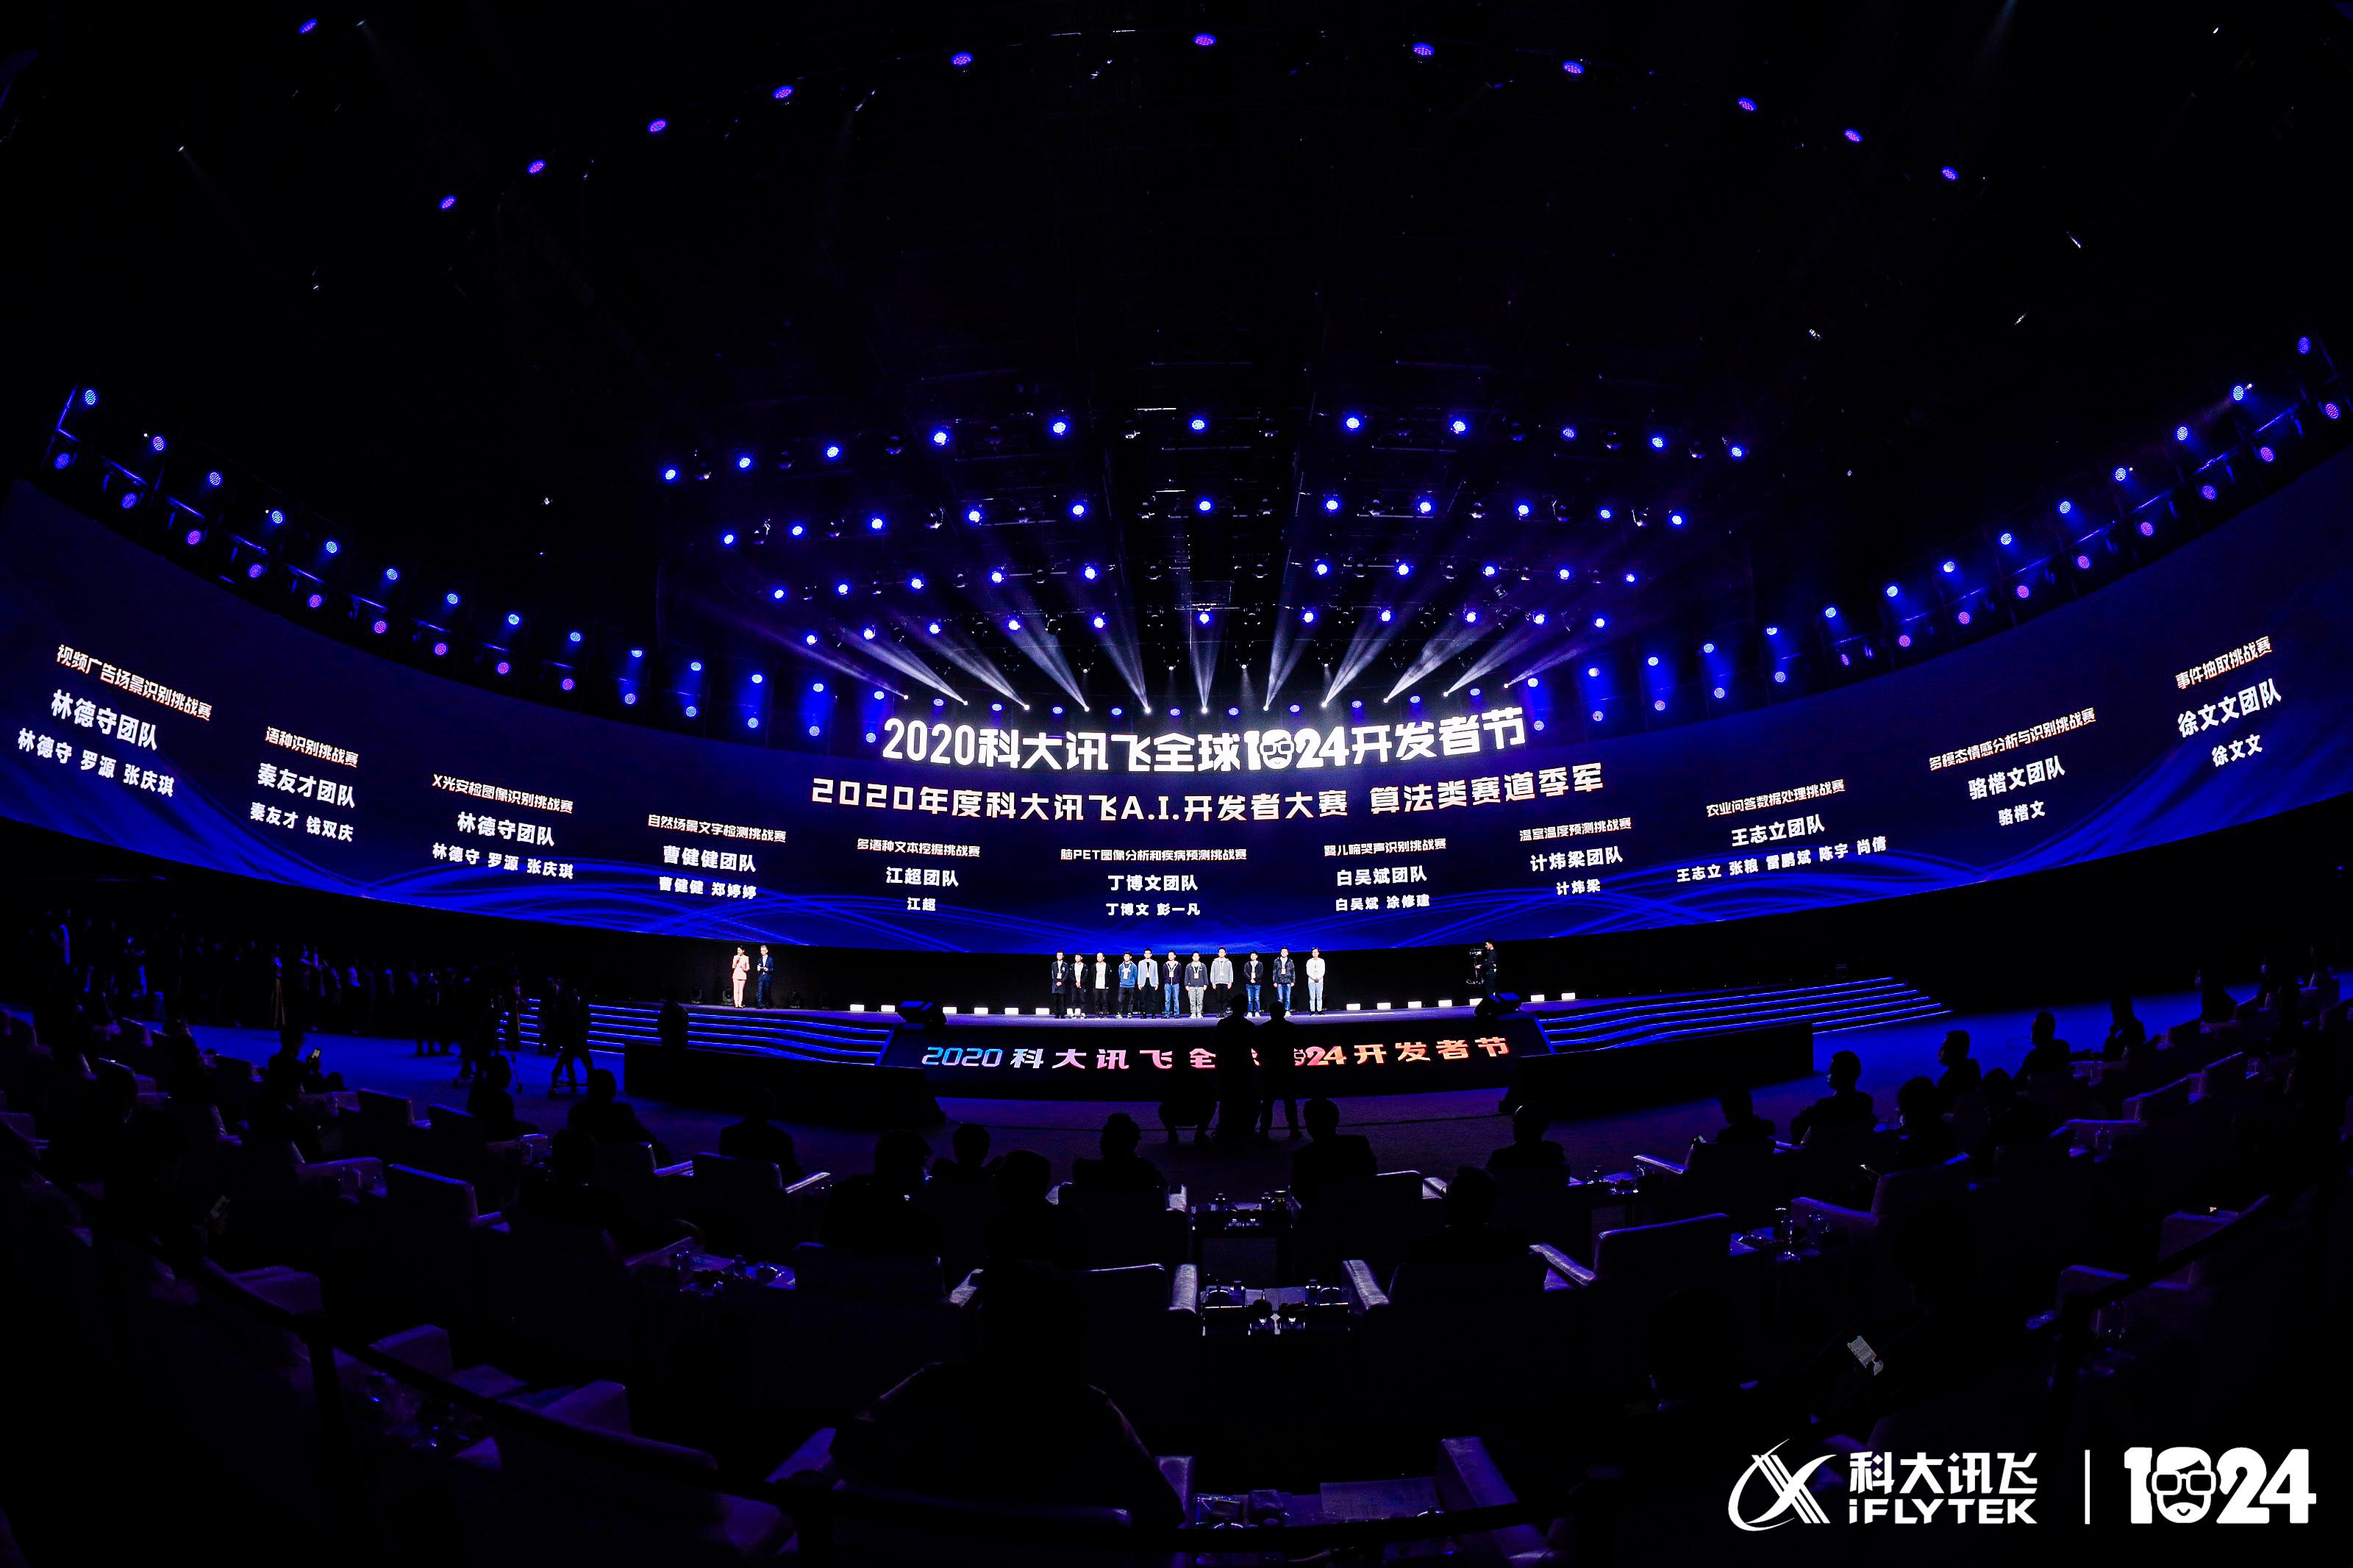 科大讯飞开发者大赛:首届X光安检图像识别挑战赛结果出炉